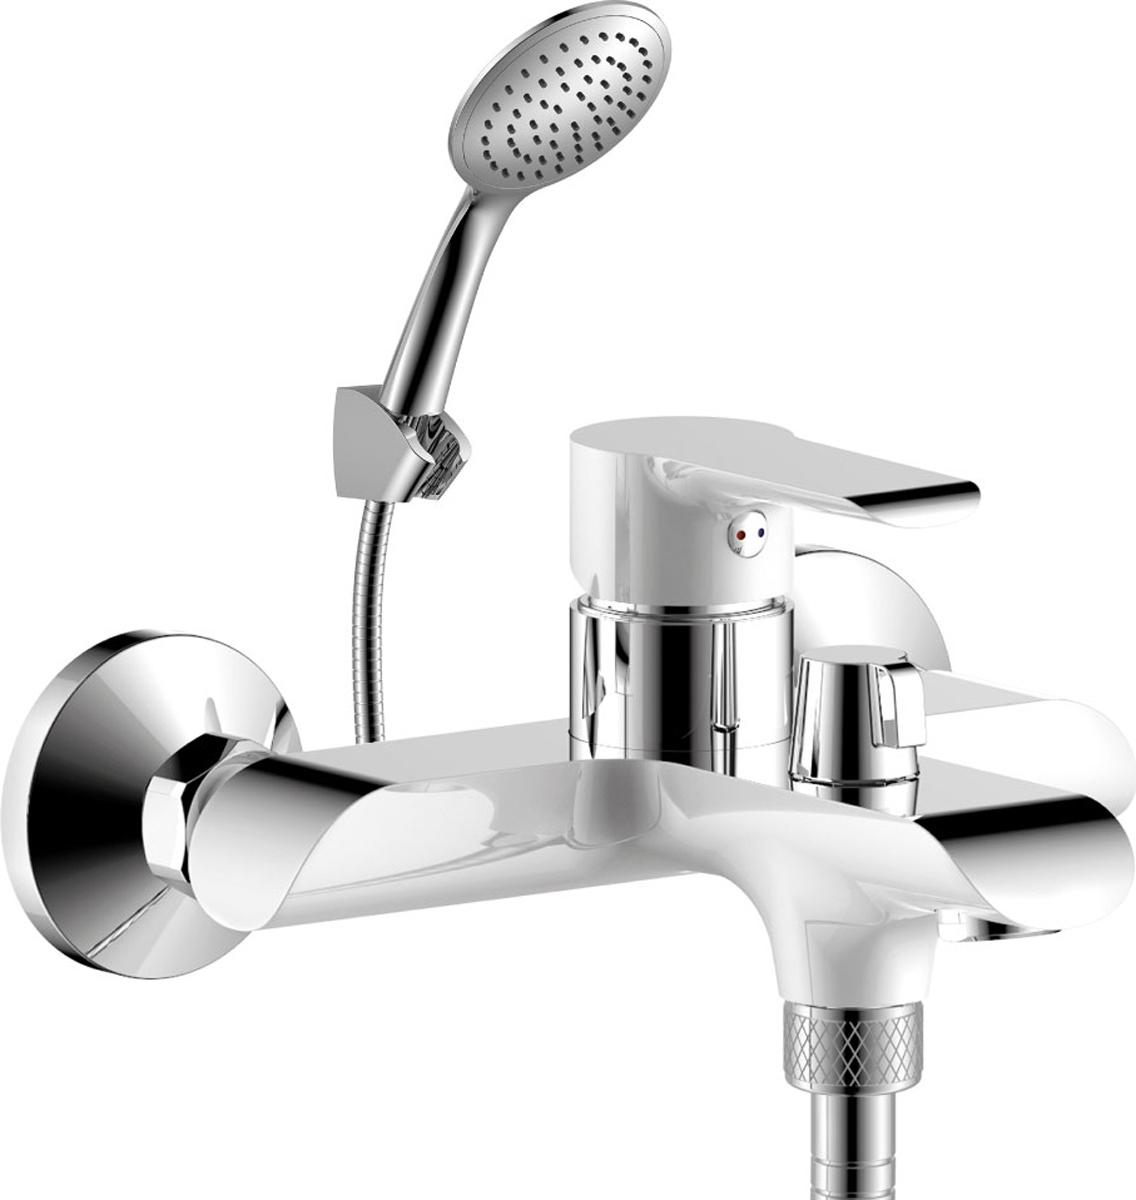 Смеситель Rossinka, для ванны. W35-31W35-31Смеситель для ванны с монолитным изливом Rossinka изготовлен высококачественного металла. Комплектация:Пластиковый аэратор с изменяемым углом подачи воды; Керамический картридж 35 мм; Переключатель с керамическими пластинами; Аксессуары: (шланг 1,5 м, настенное крепление, 1-функциональная лейка с функцией легкой очистки, 3-х позиционный держатель для лейки); Присоединительная группа (эксцентрики с отражателями) для вертикального крепления; Металлическая рукоятка. Смесители Rossinka были разработаны российским институтом НИИ Сантехники, что позволило произвести продукт, максимально подходящий под условия эксплуатации в нашей стране (жесткая вода, частые перепады температуры и напора воды).НИИ Сантехники рекомендует установку смесителей Rossinka в жилых помещениях, в детских, лечебно-профилактических, дошкольных и школьных учреждениях.Наличие международного сертификата ISO 9001 гарантирует стабильность качества выпускаемой продукции.Сервисная сеть насчитывает 90 гарантийных мастерских по России и странам СНГ. Плановый срок службы смесителей 30 лет.Гарантия на корпус смесителя при условии использования в бытовых условиях 7 лет.